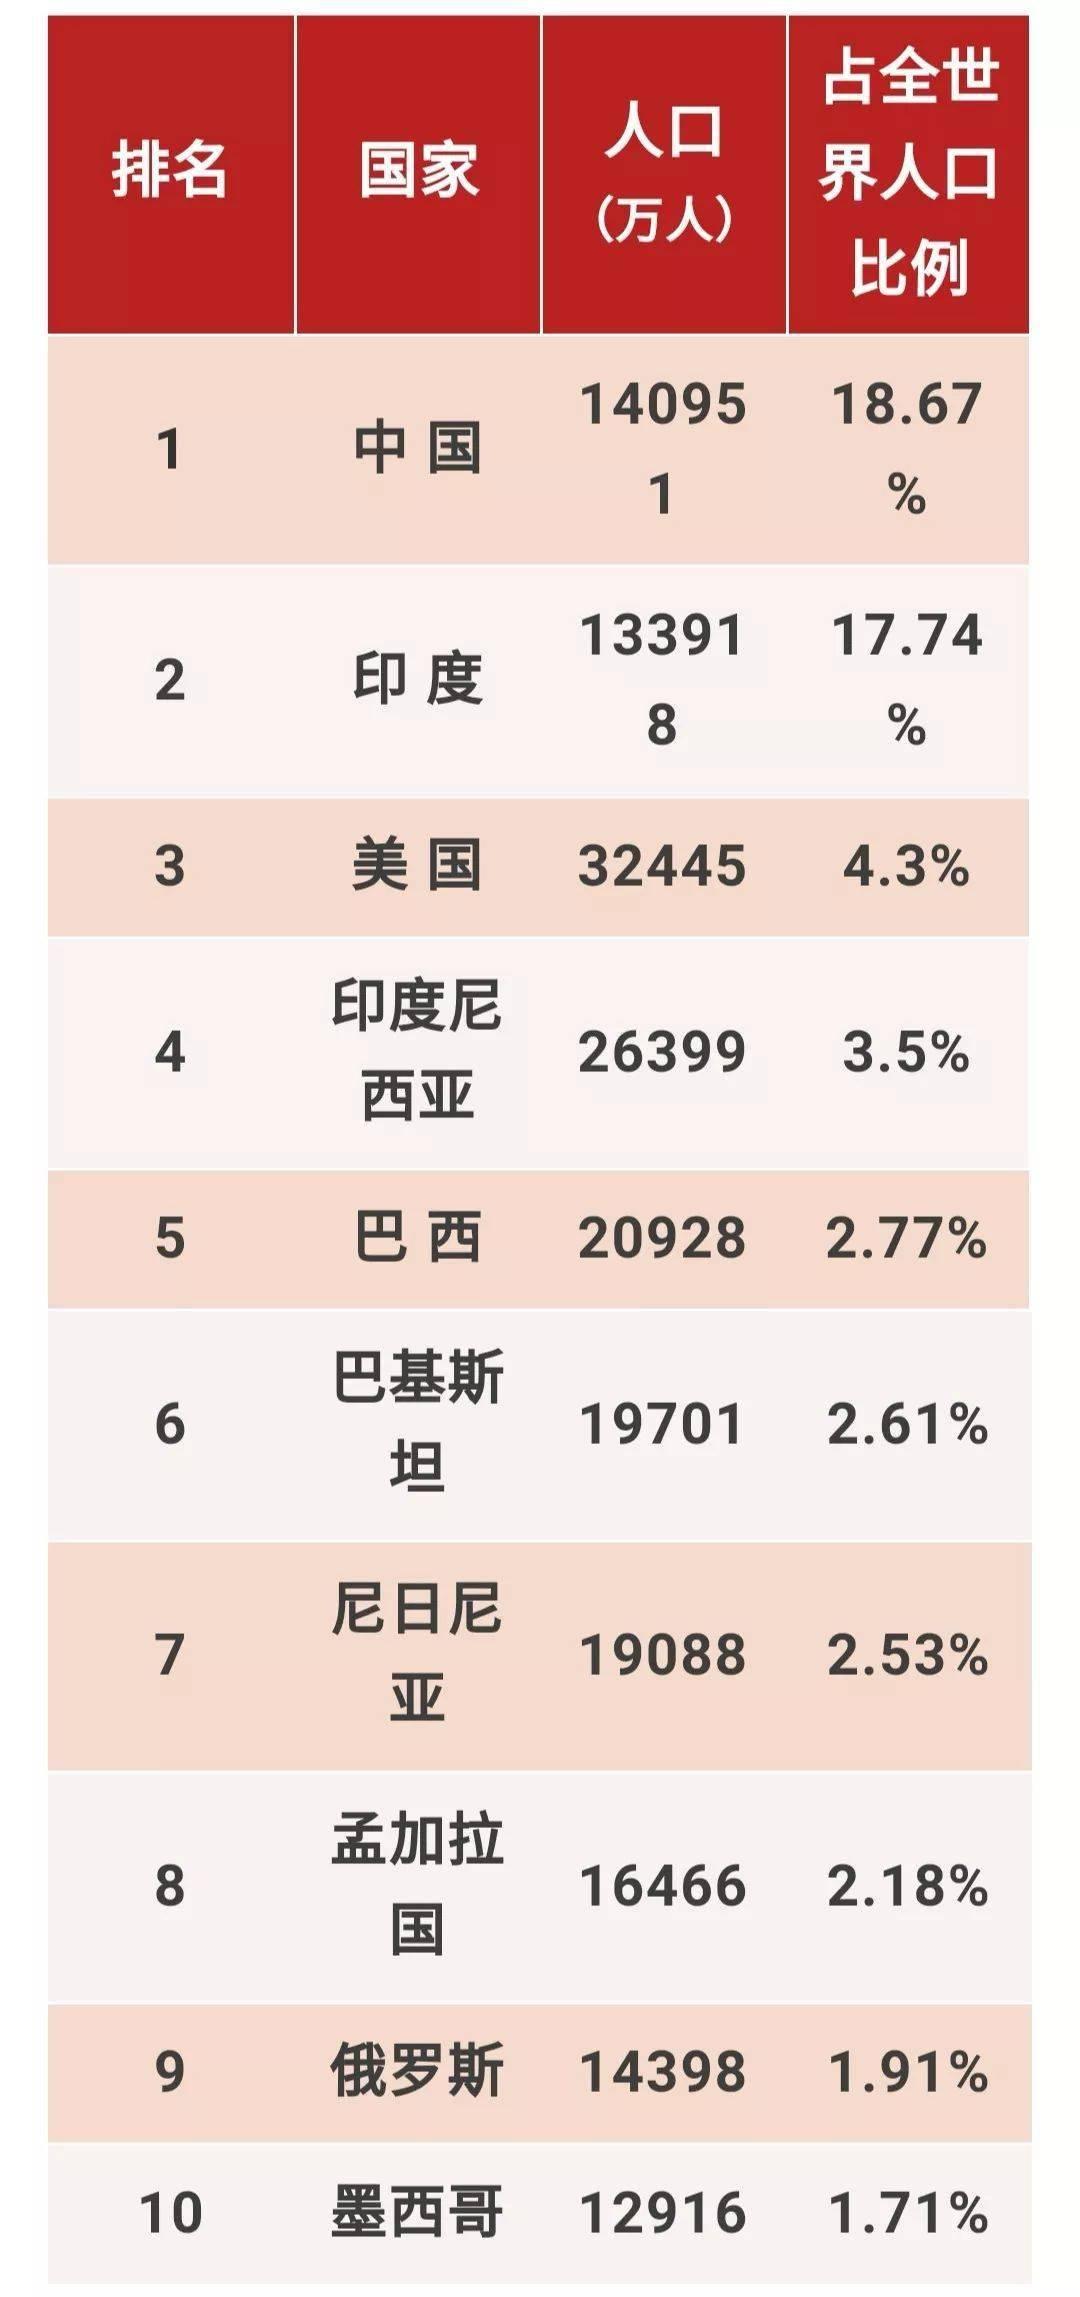 中国在世界gdp人均排名_世界人均gdp排名图片